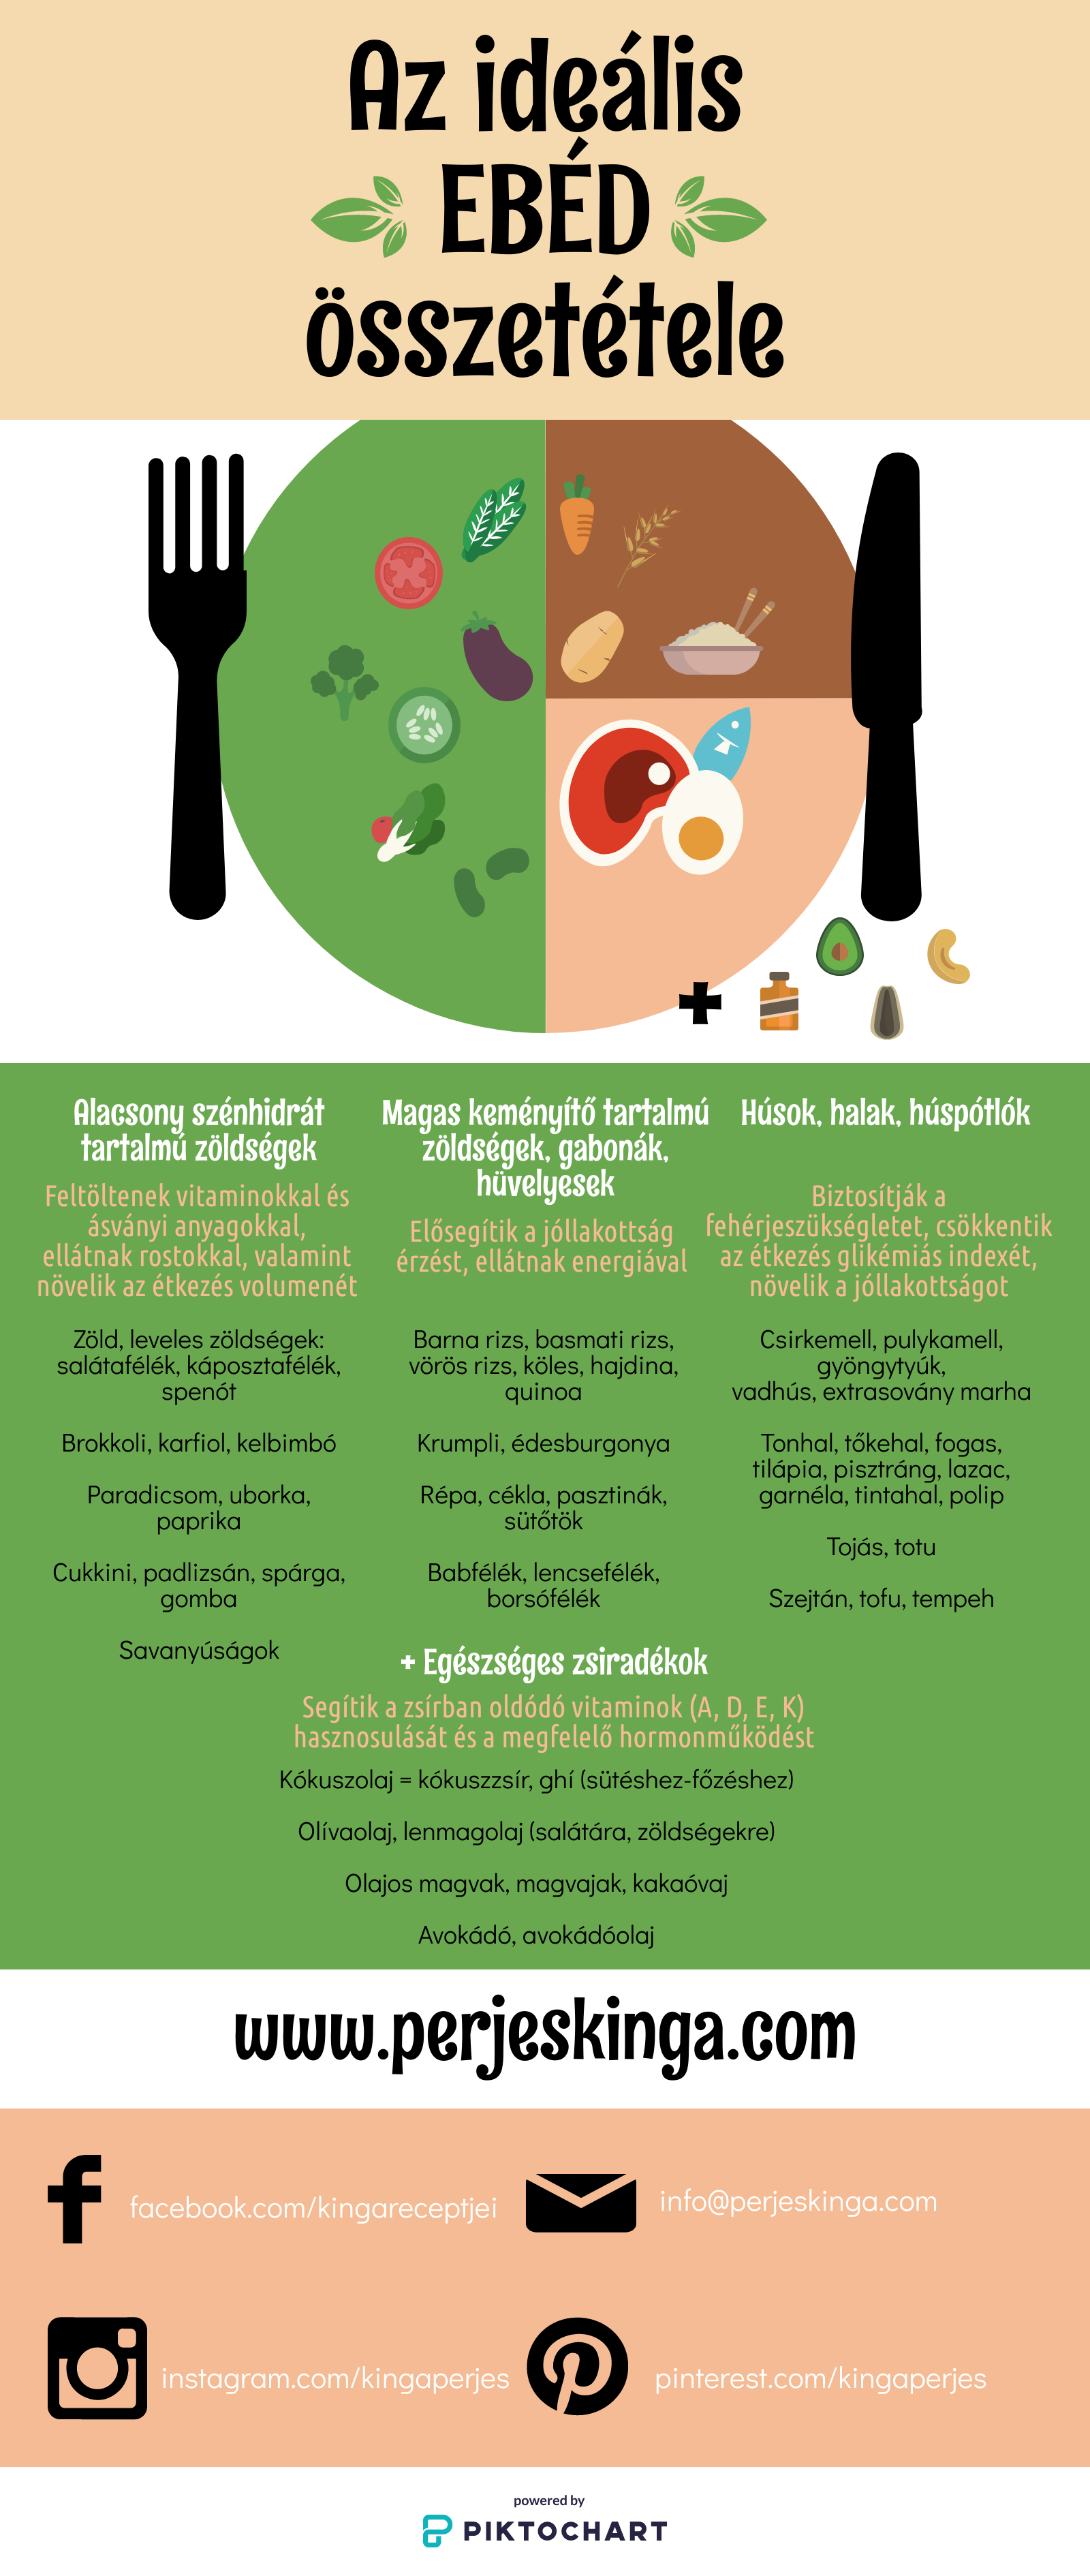 Könnyen emészthető ételek, melyek segítik a fogyást és a méregtelenítést